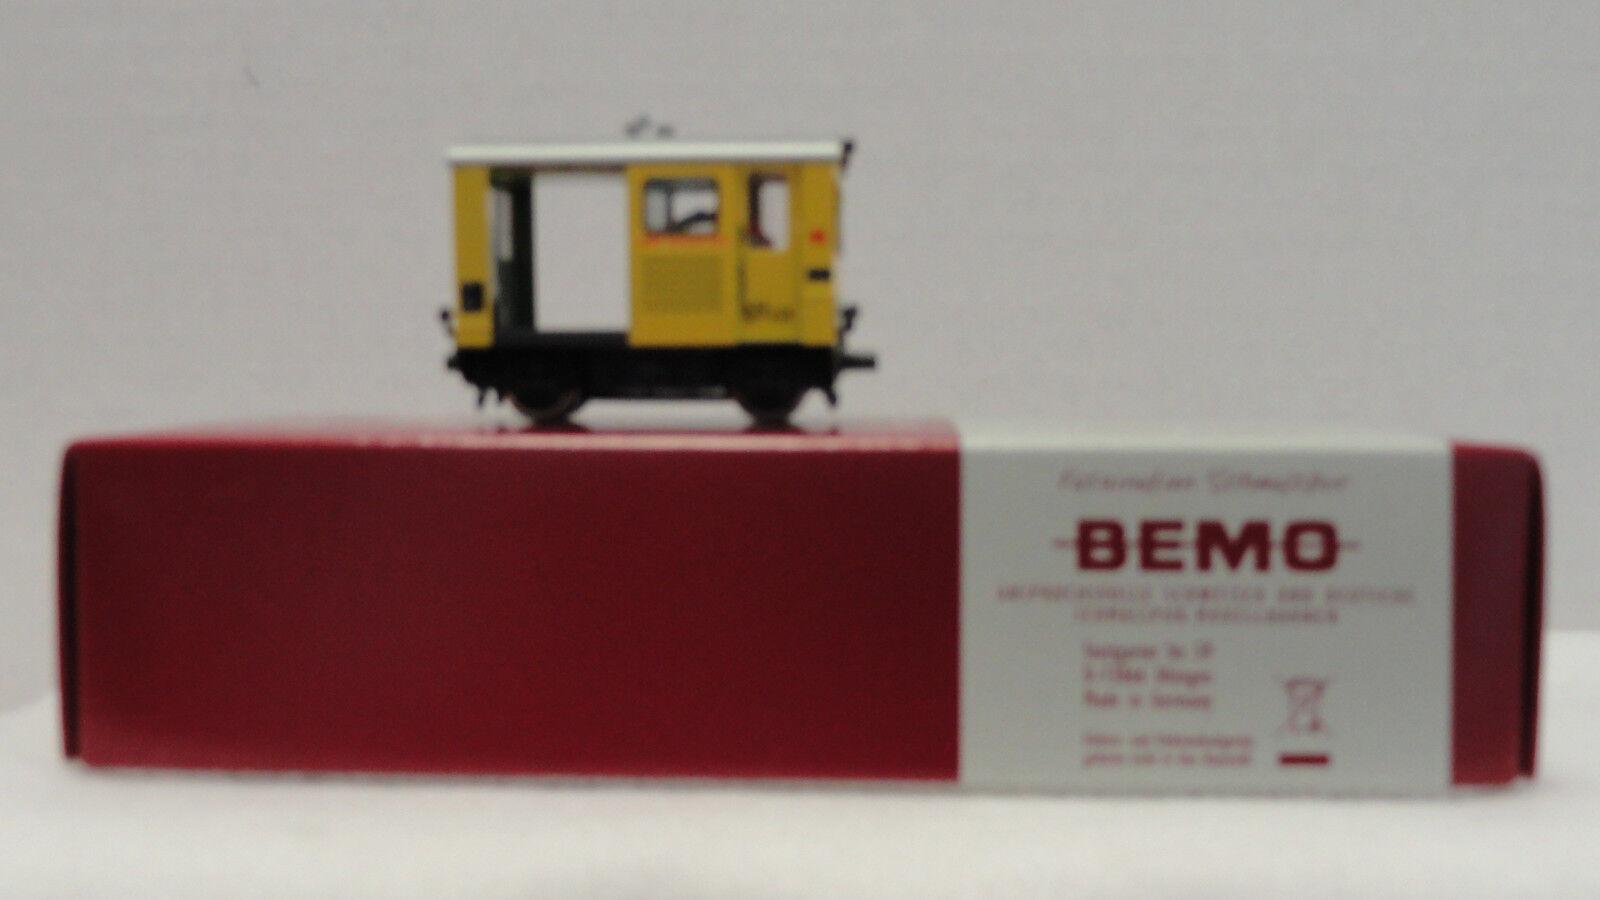 Bemo HOm 1274 193 RhB Tm 2  2 traktor.NIB